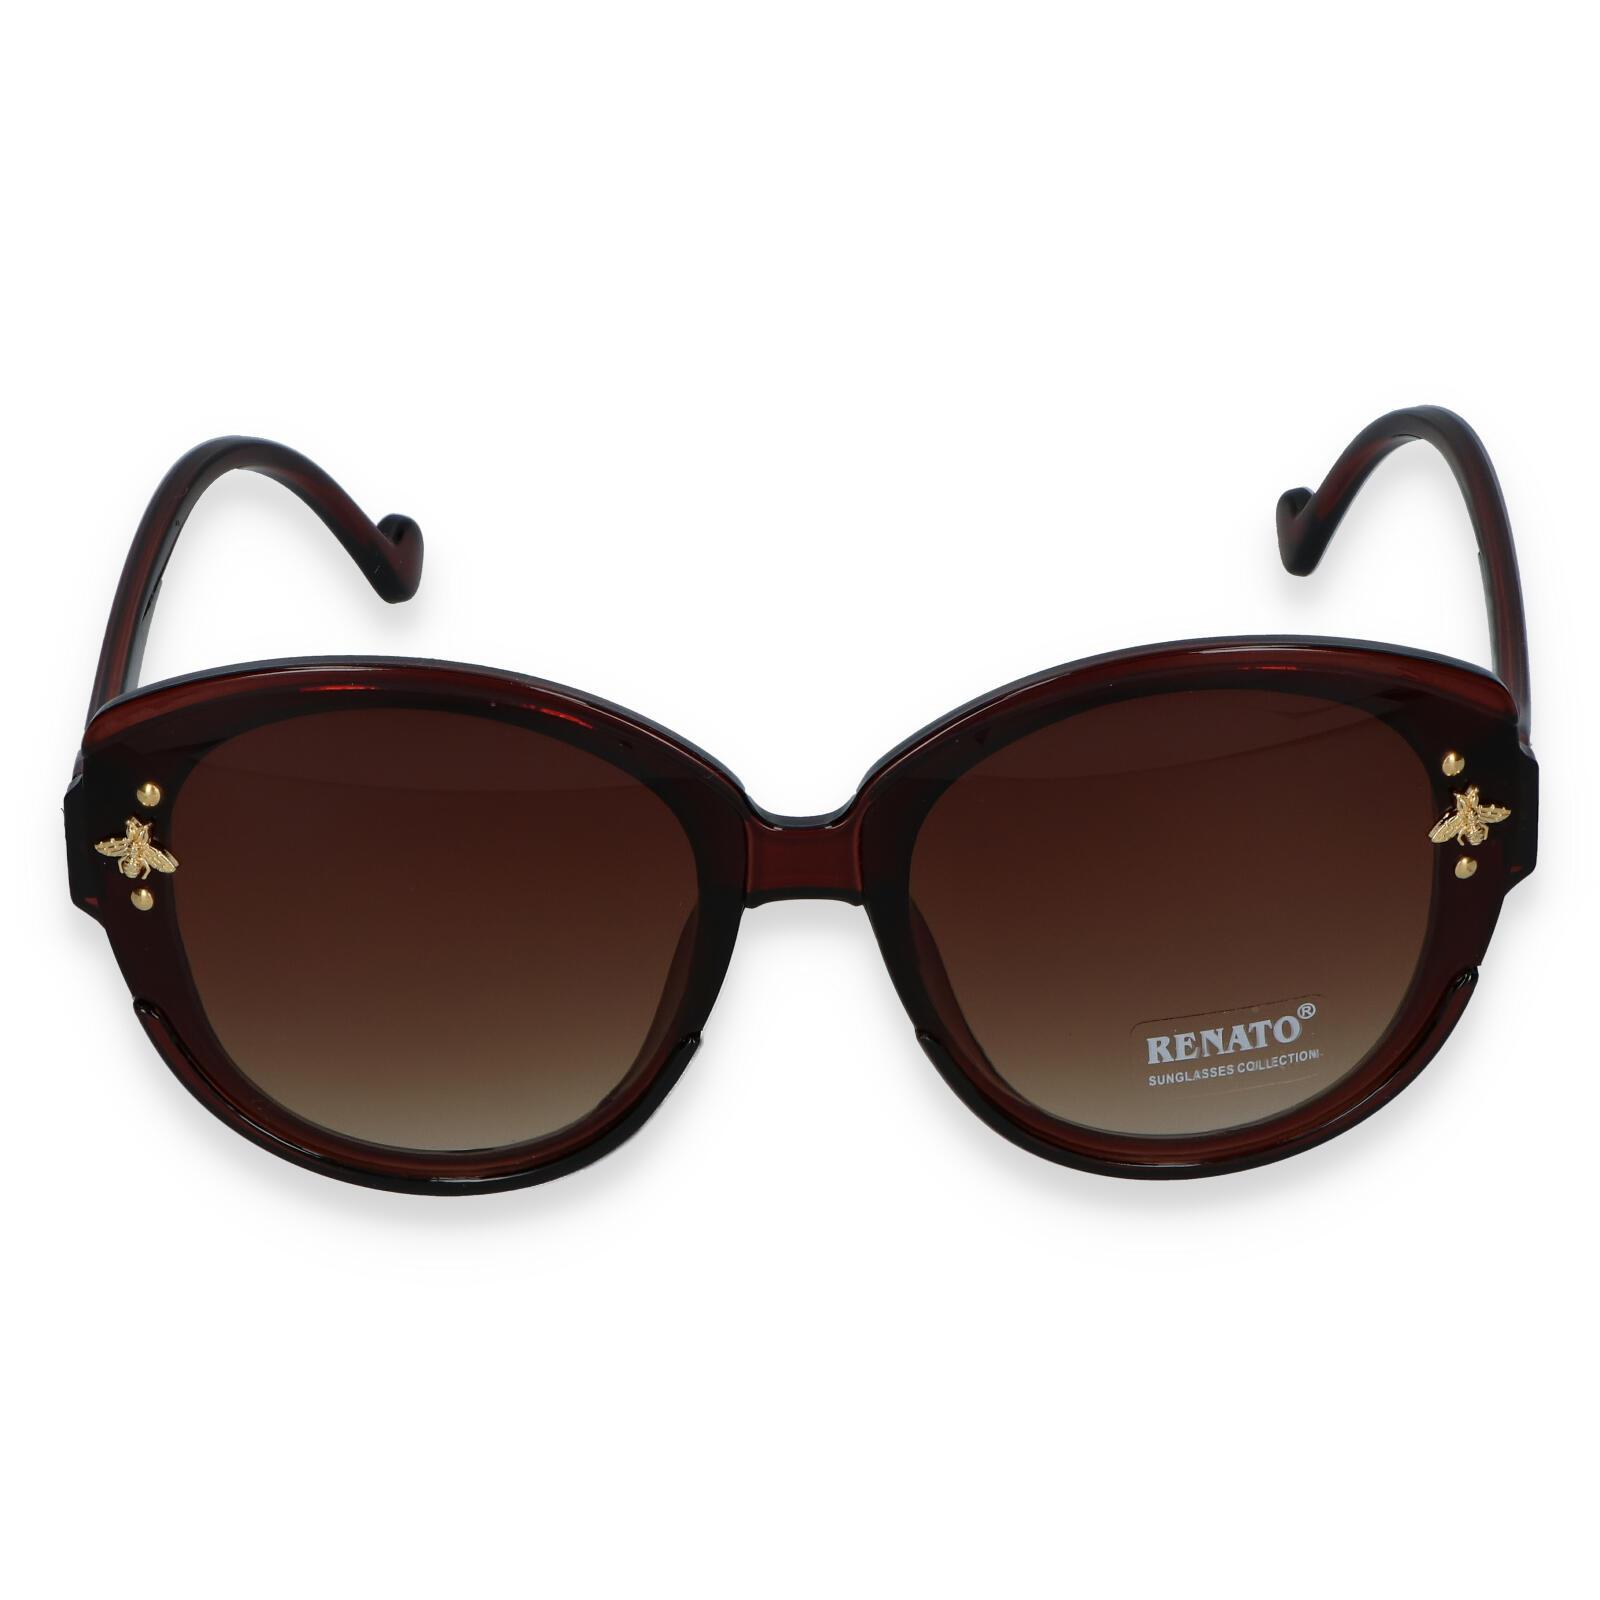 Dámské sluneční brýle tmavě hnědé - R403